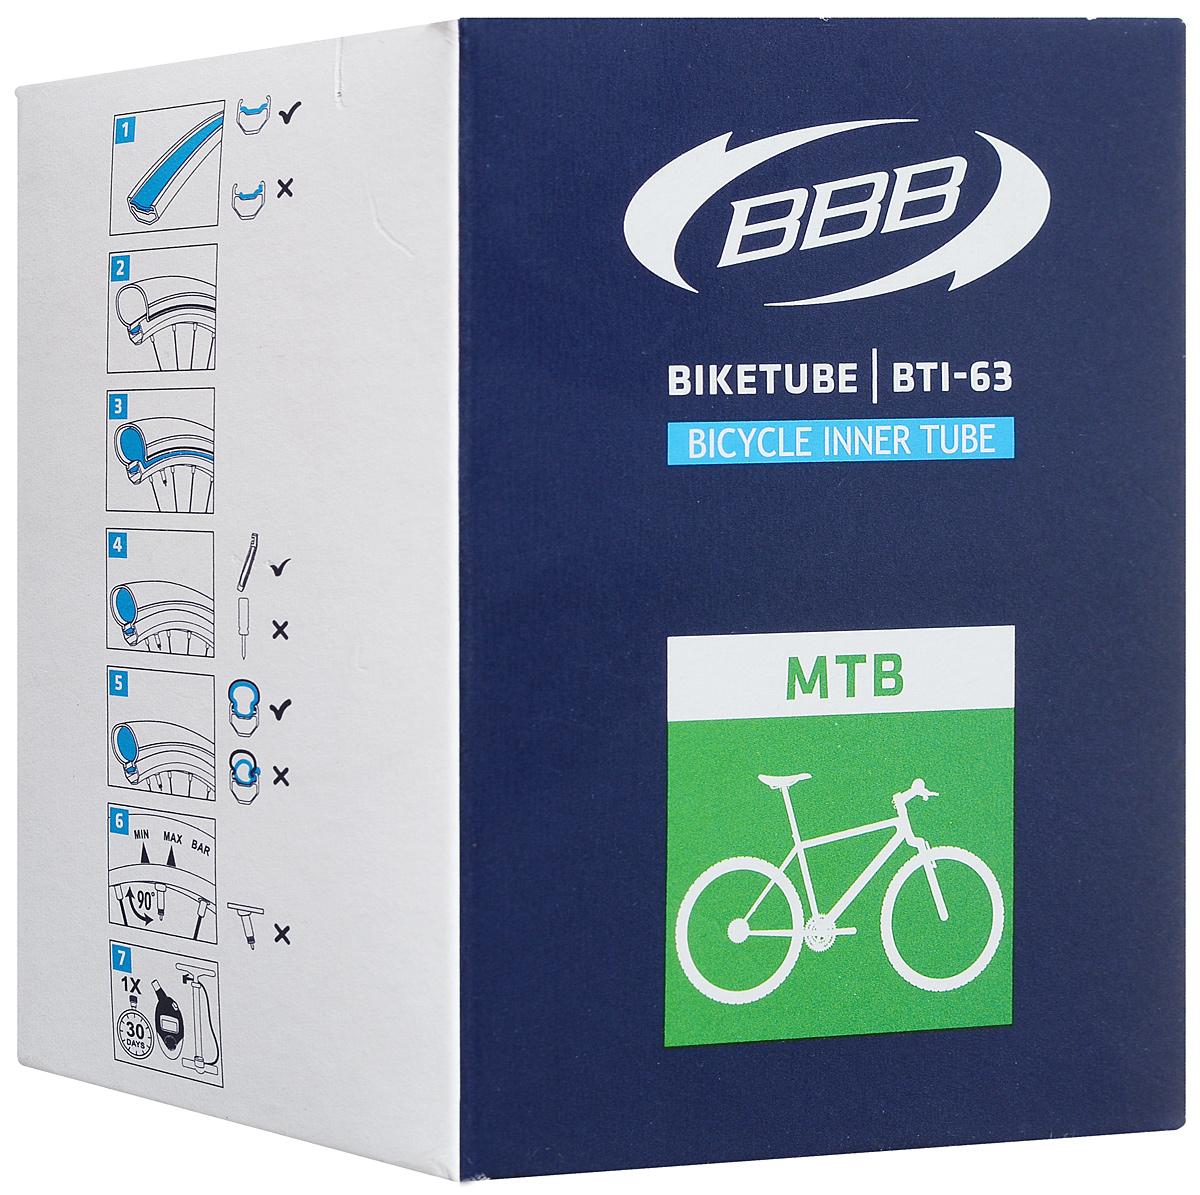 Велокамера BBB 26 in 1,9/2,125 AV. BTI-638431Размер колеса: 26Автомобильный ниппель (Schrader) 33 ммКамеры BBB изготовлены из долговечного резинового компаунда. Никаких швов, которые могут пропускать воздух. Толщина стенки: 0.87 мм. Достаточно большая для защиты от проколов и достаточно небольшая для снижения веса.